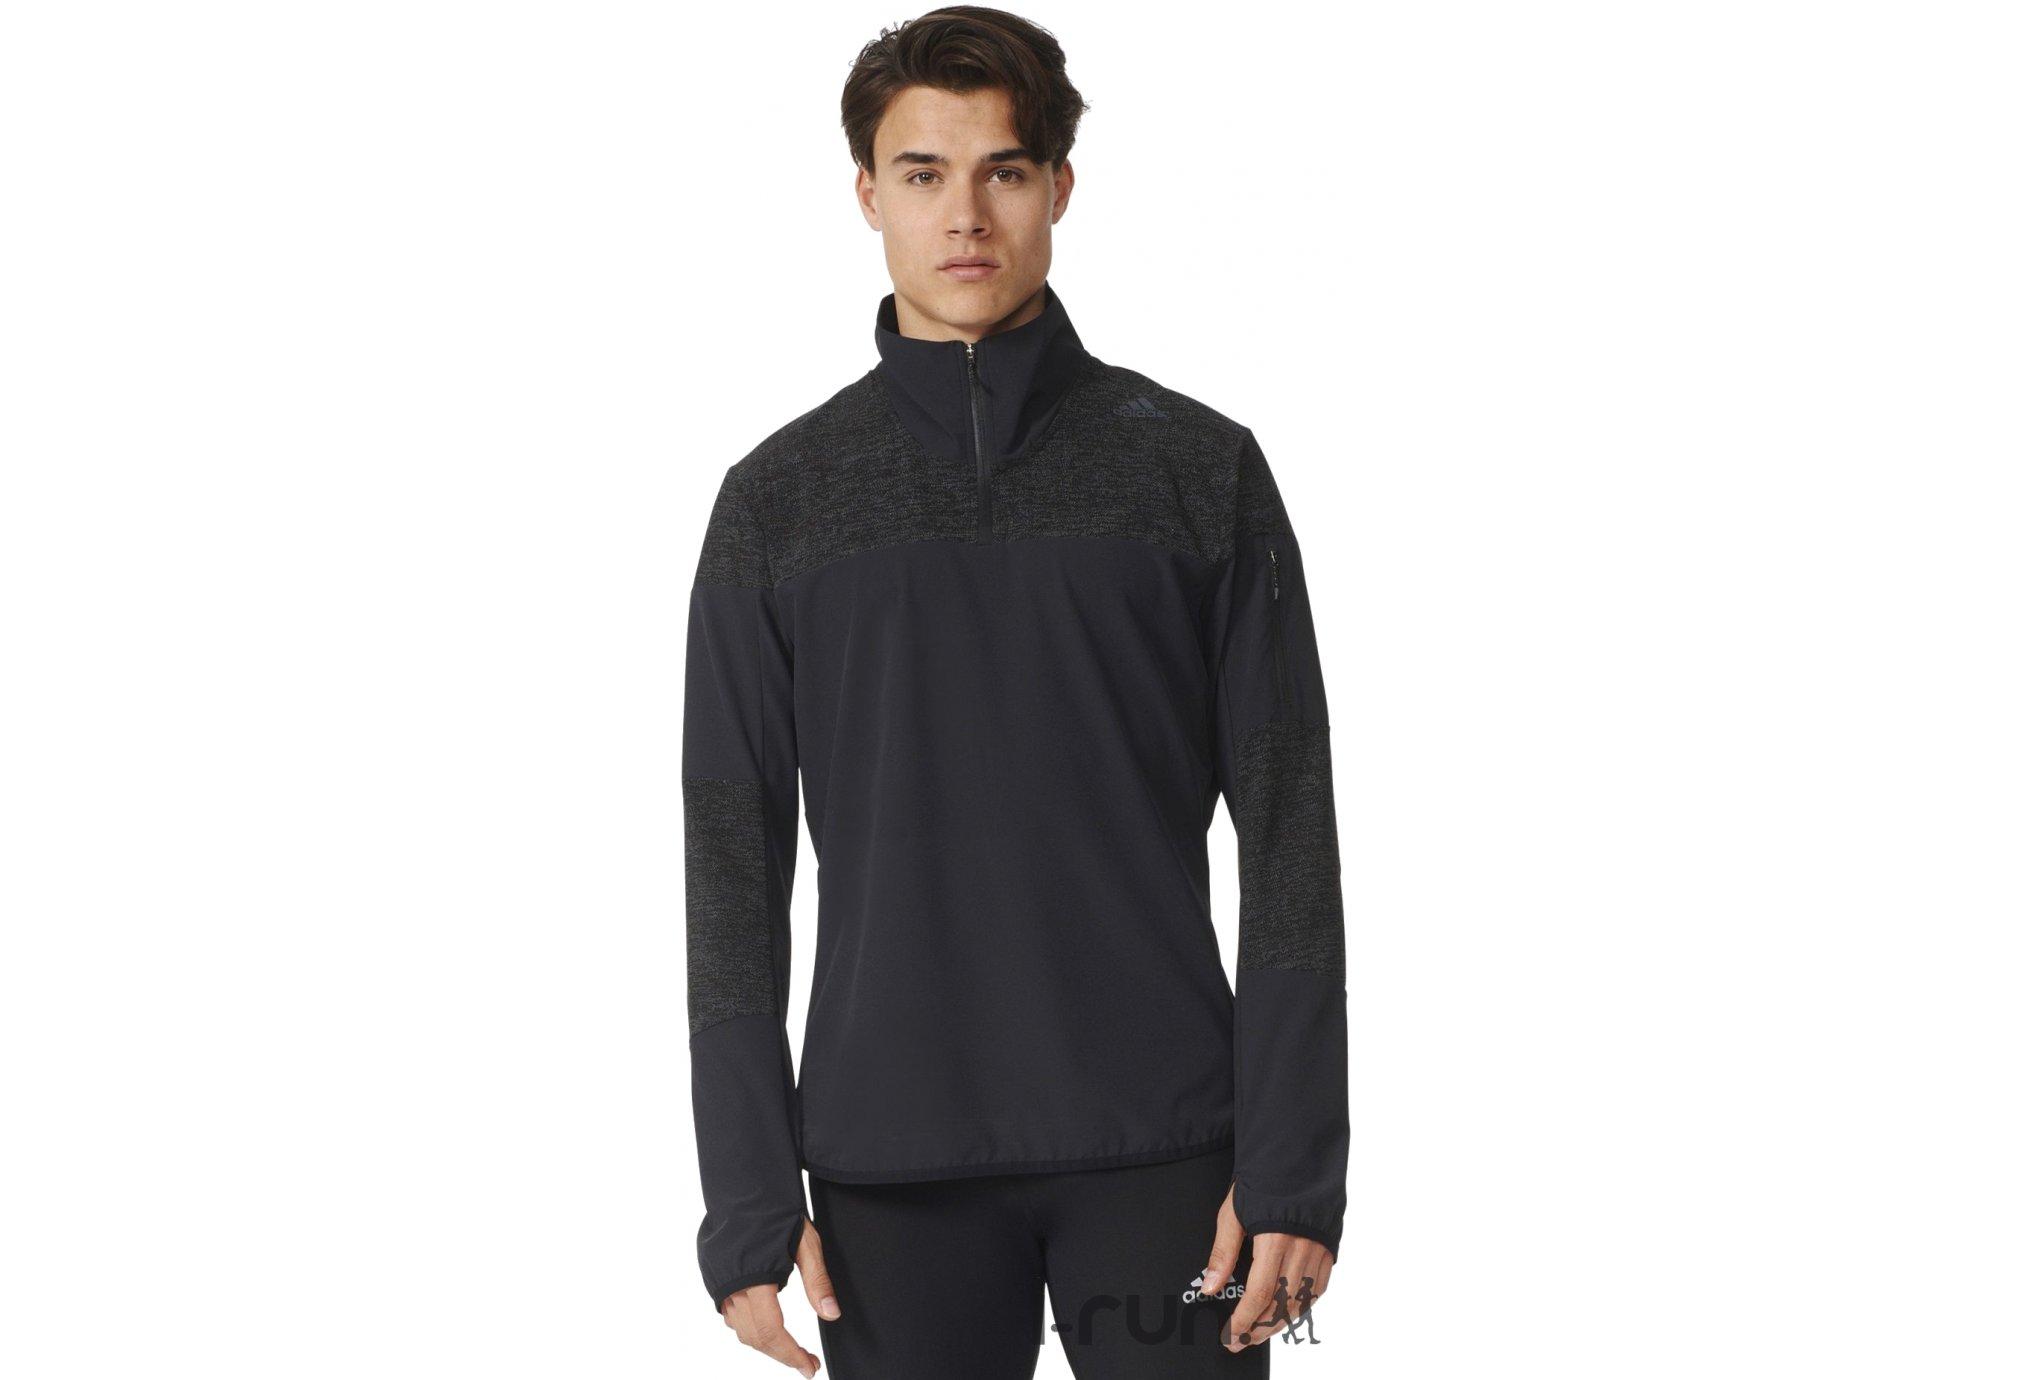 Adidas Maillot supernova storm 1/2 zip m vêtement running homme